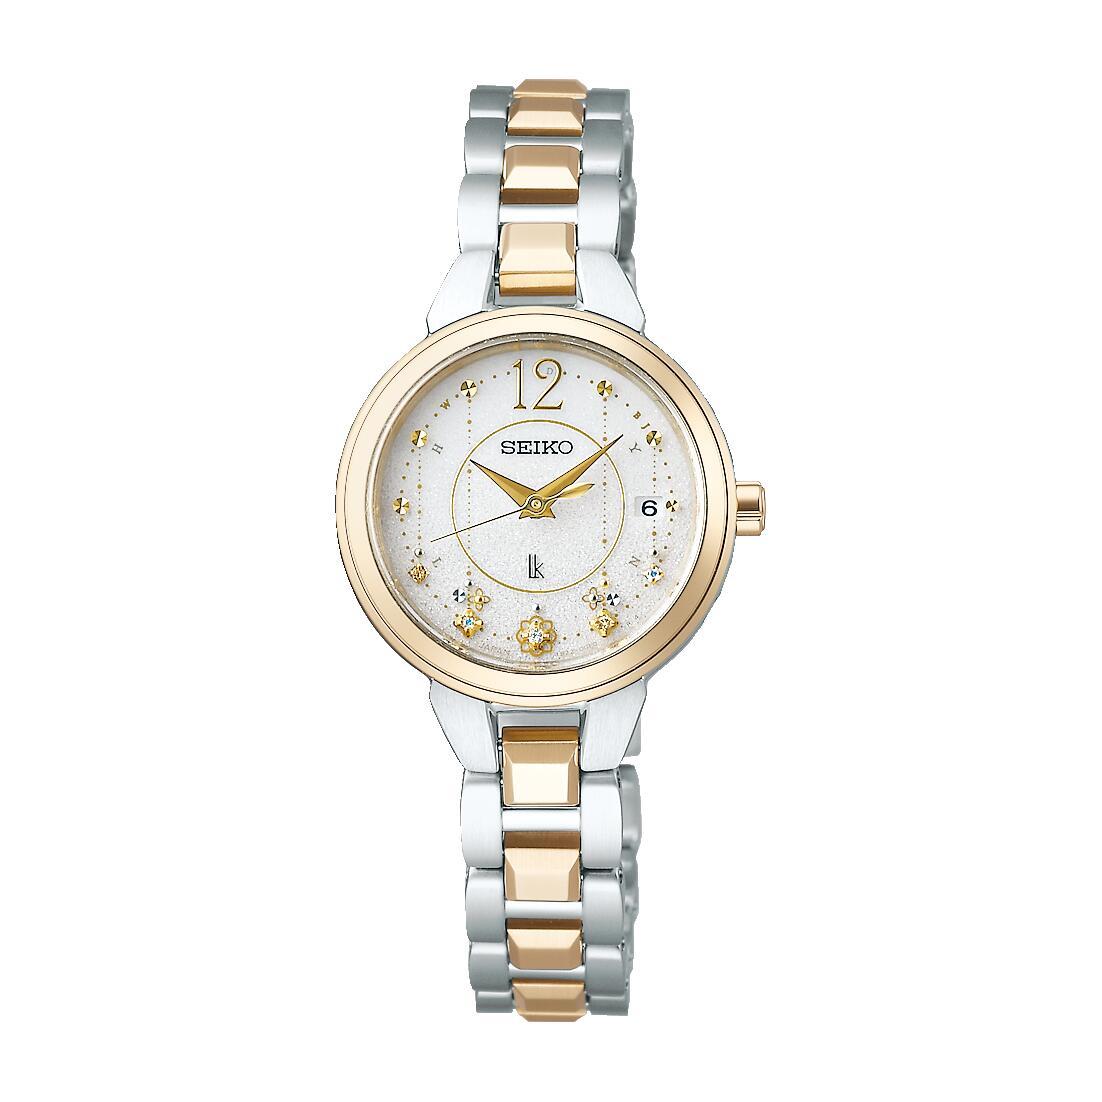 レディース 腕時計 新品 通販 正規品 SEIKO セイコー LUKIA 2020 限定2500本 クリスマス限定モデル 国内正規品 ソーラー電波 SSVW184 ルキア